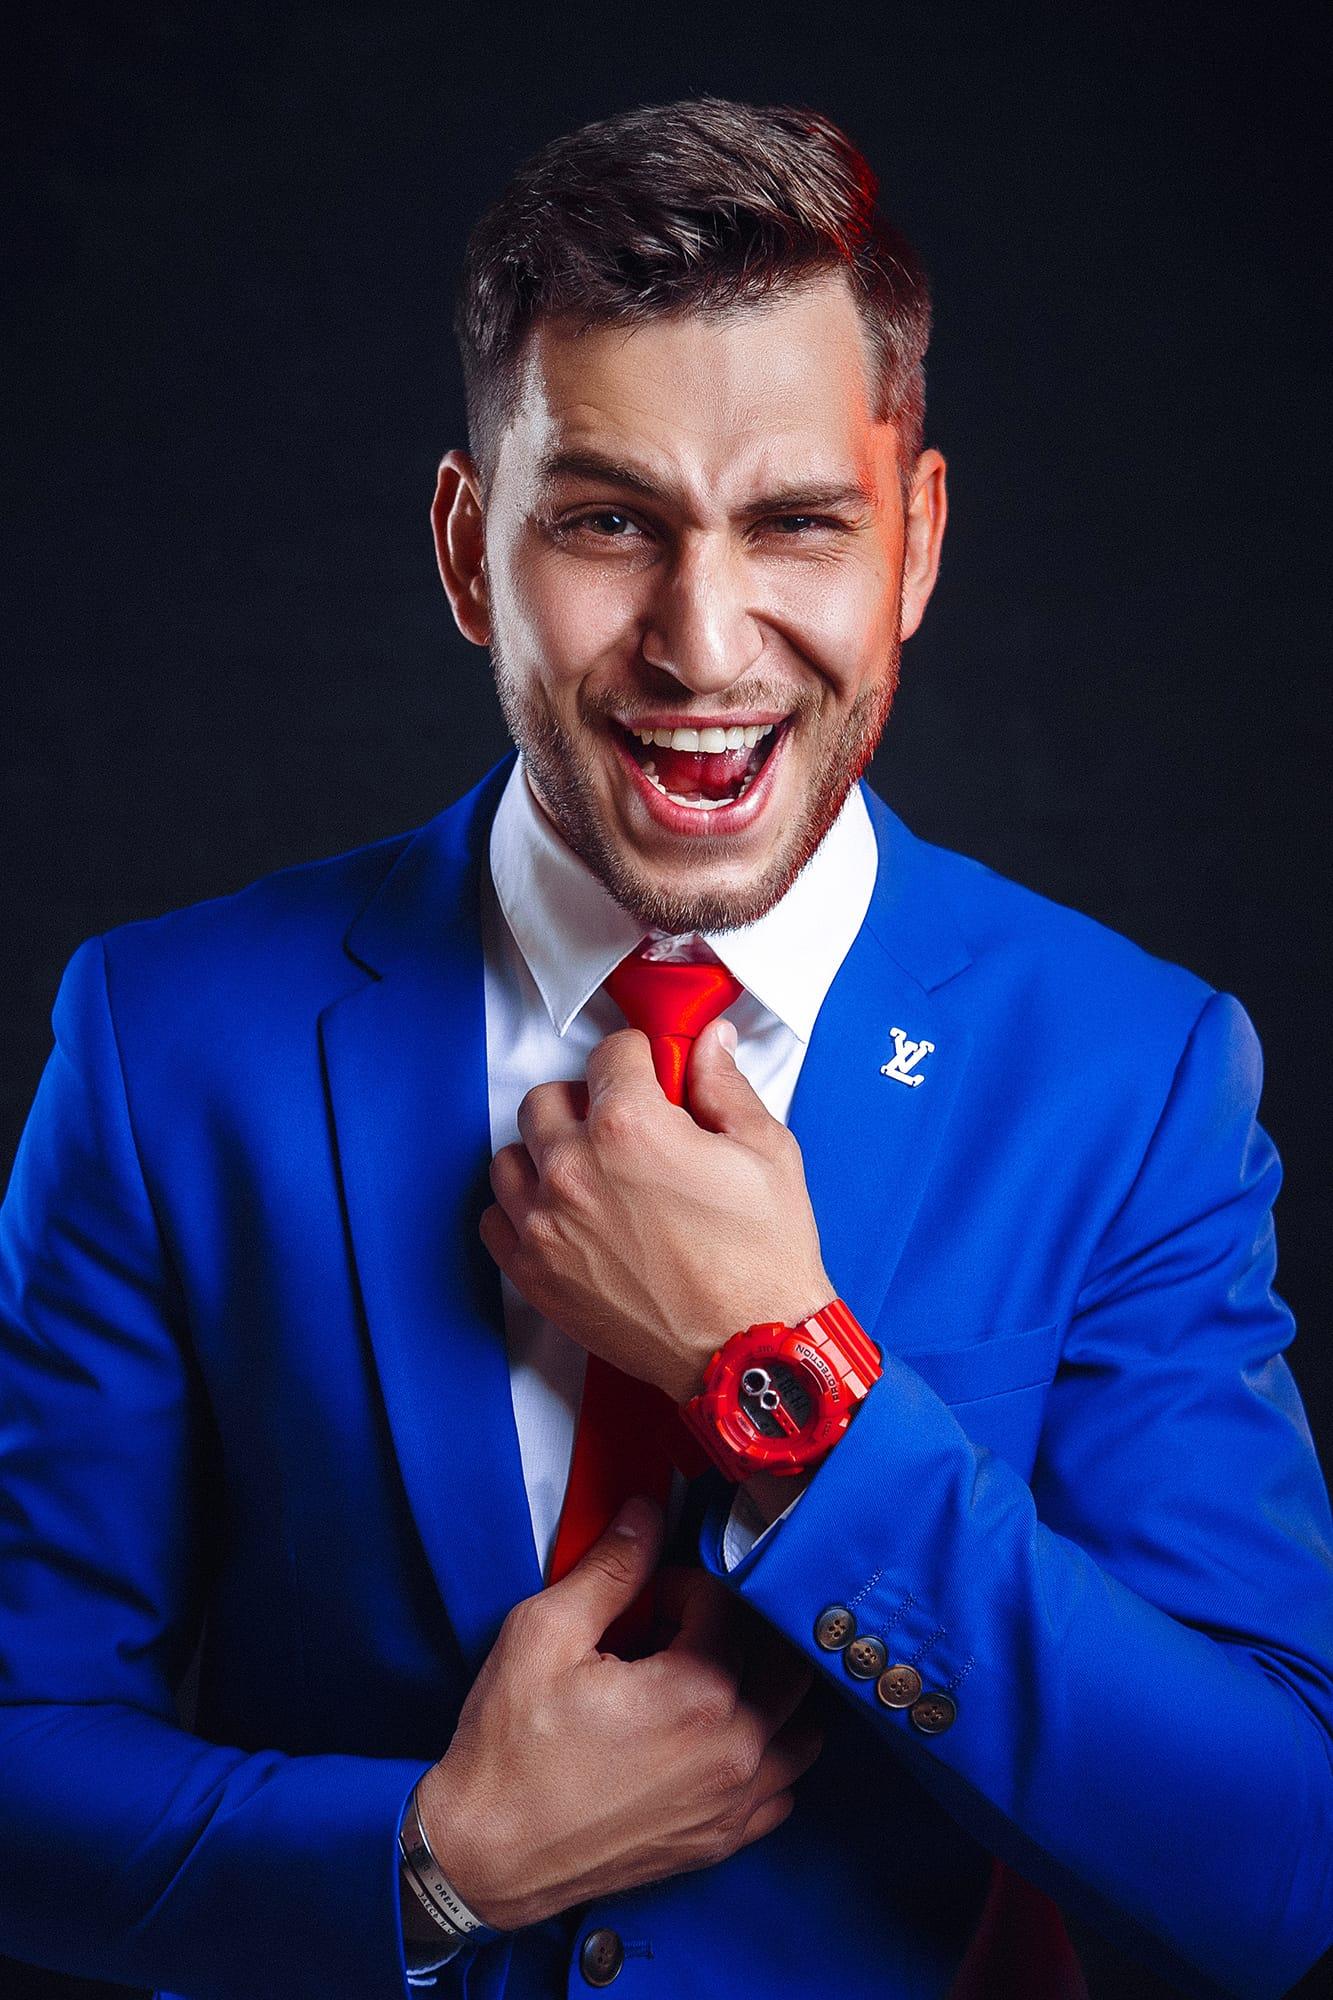 синий костюм портрет